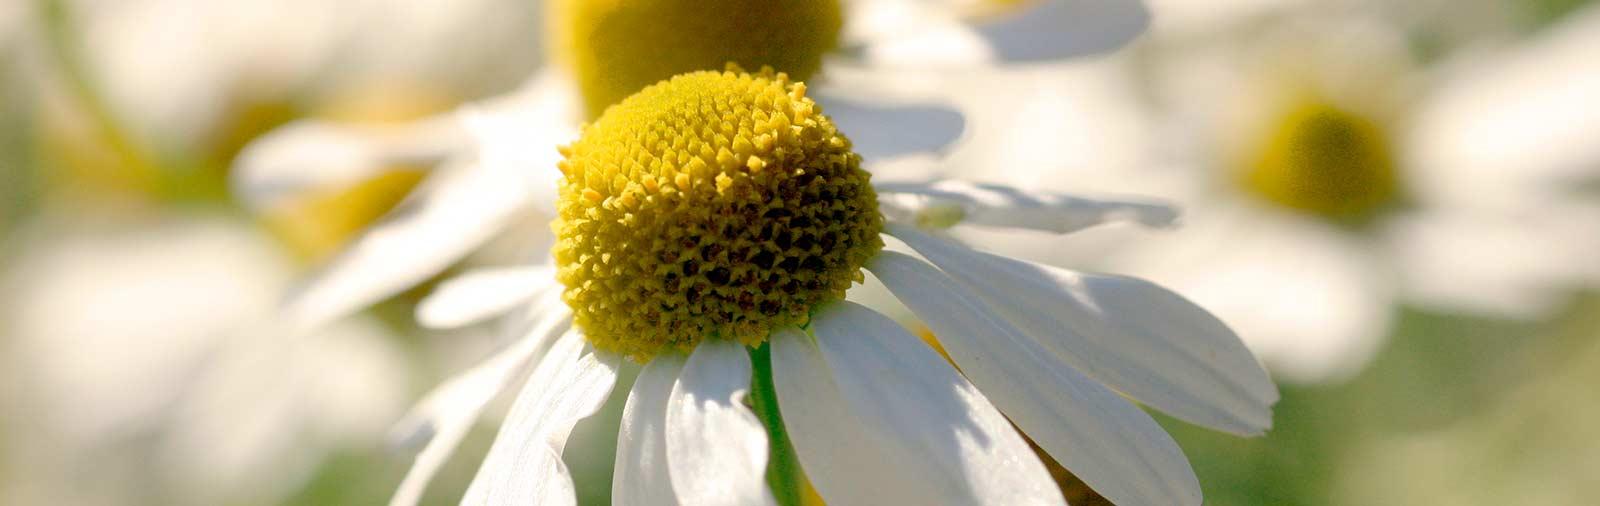 German Chamomile - Chamomilla recutita L.